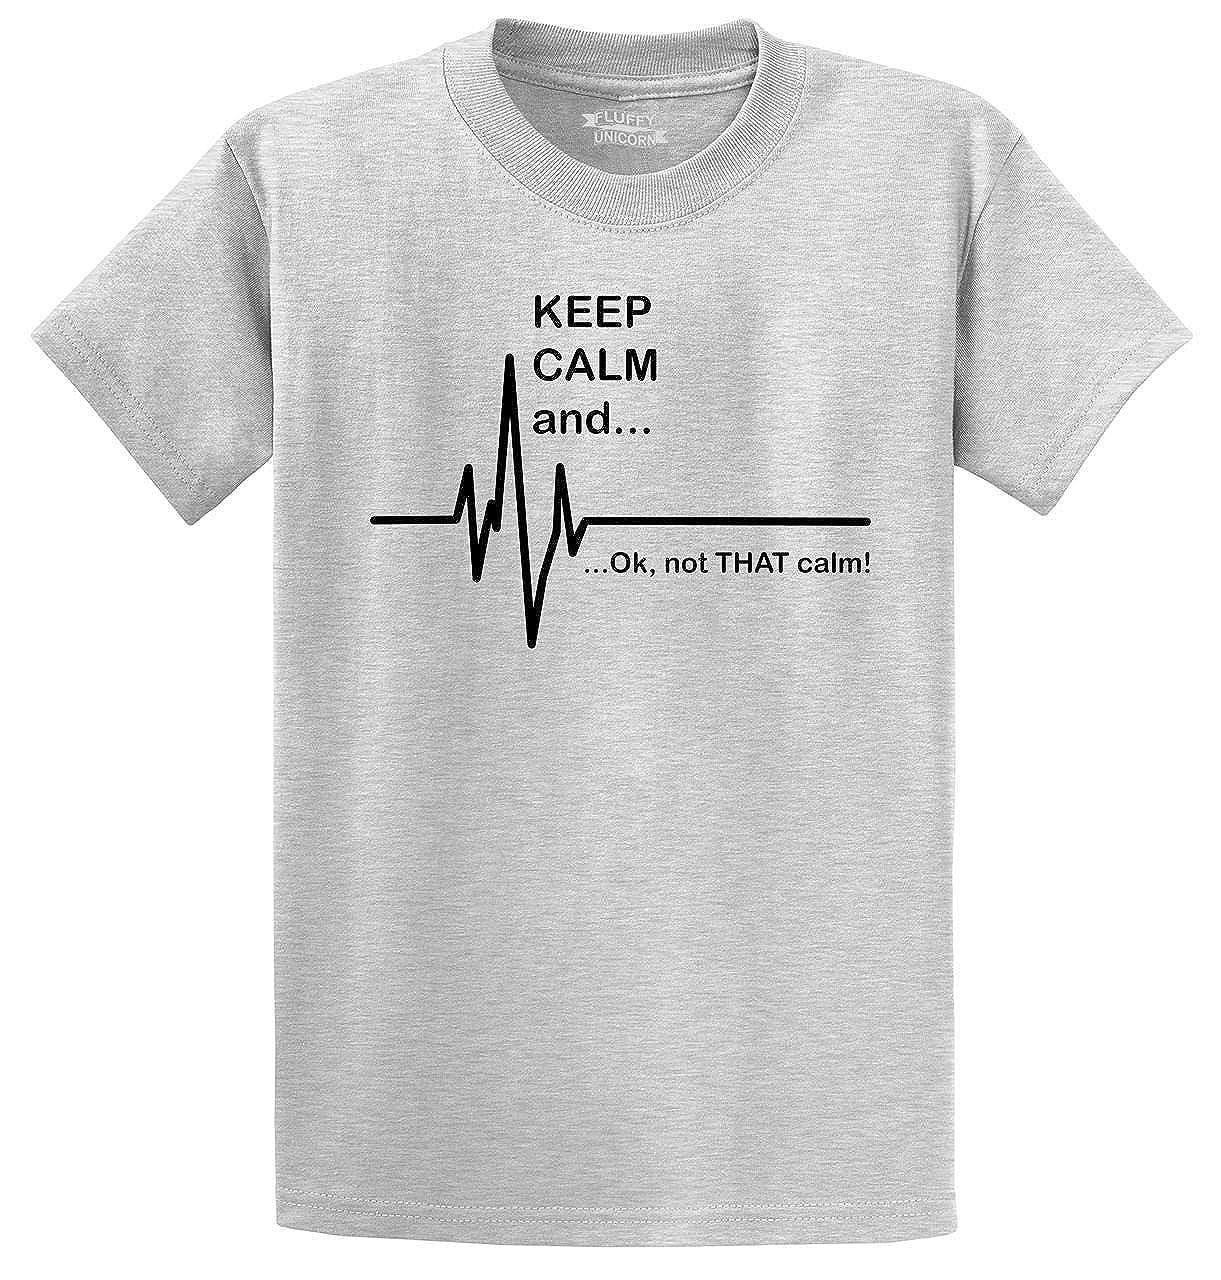 e6828cc6f Amazon.com: Comical Shirt Men's Keep Calm & Ok Not That Calm Funny  Paramedic EMT Shirt T-Shirt: Clothing